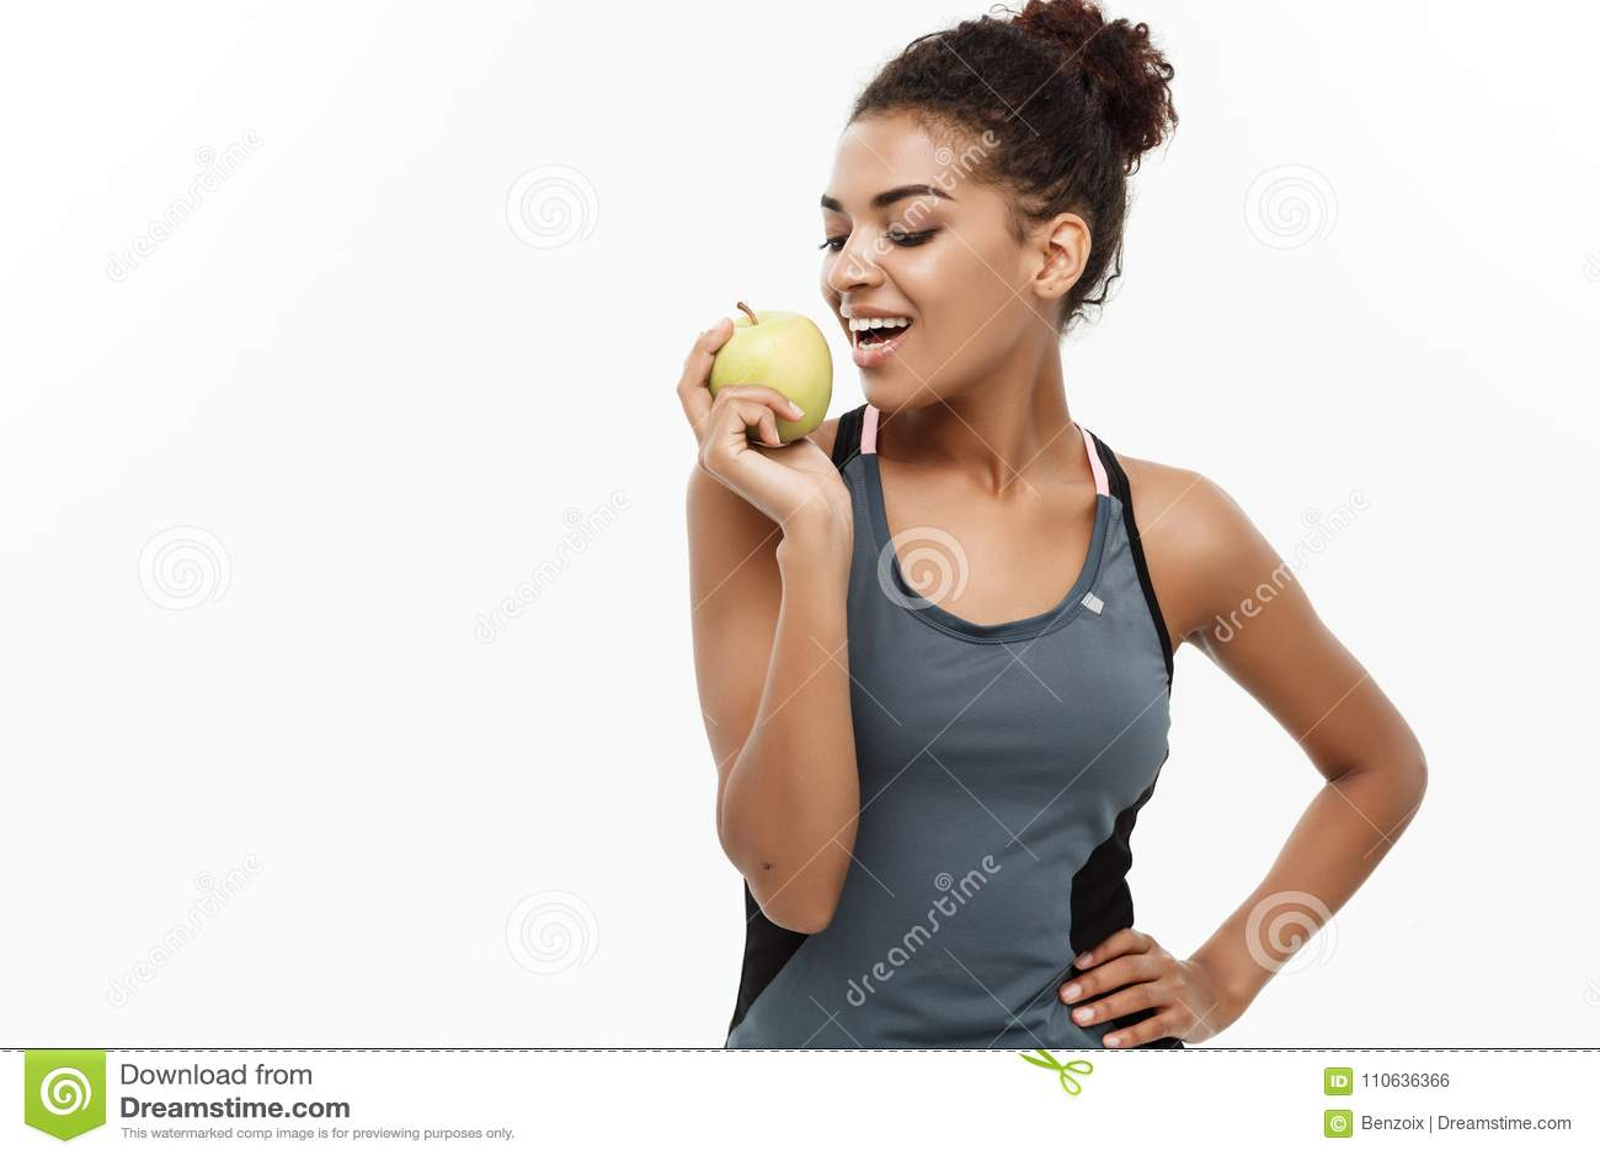 Zdrowy i sprawność fizyczna pojęcie - Piękna Amerykańska Afrykańska dama w popielatej sprawności fizycznej łasowania zieleni odzi